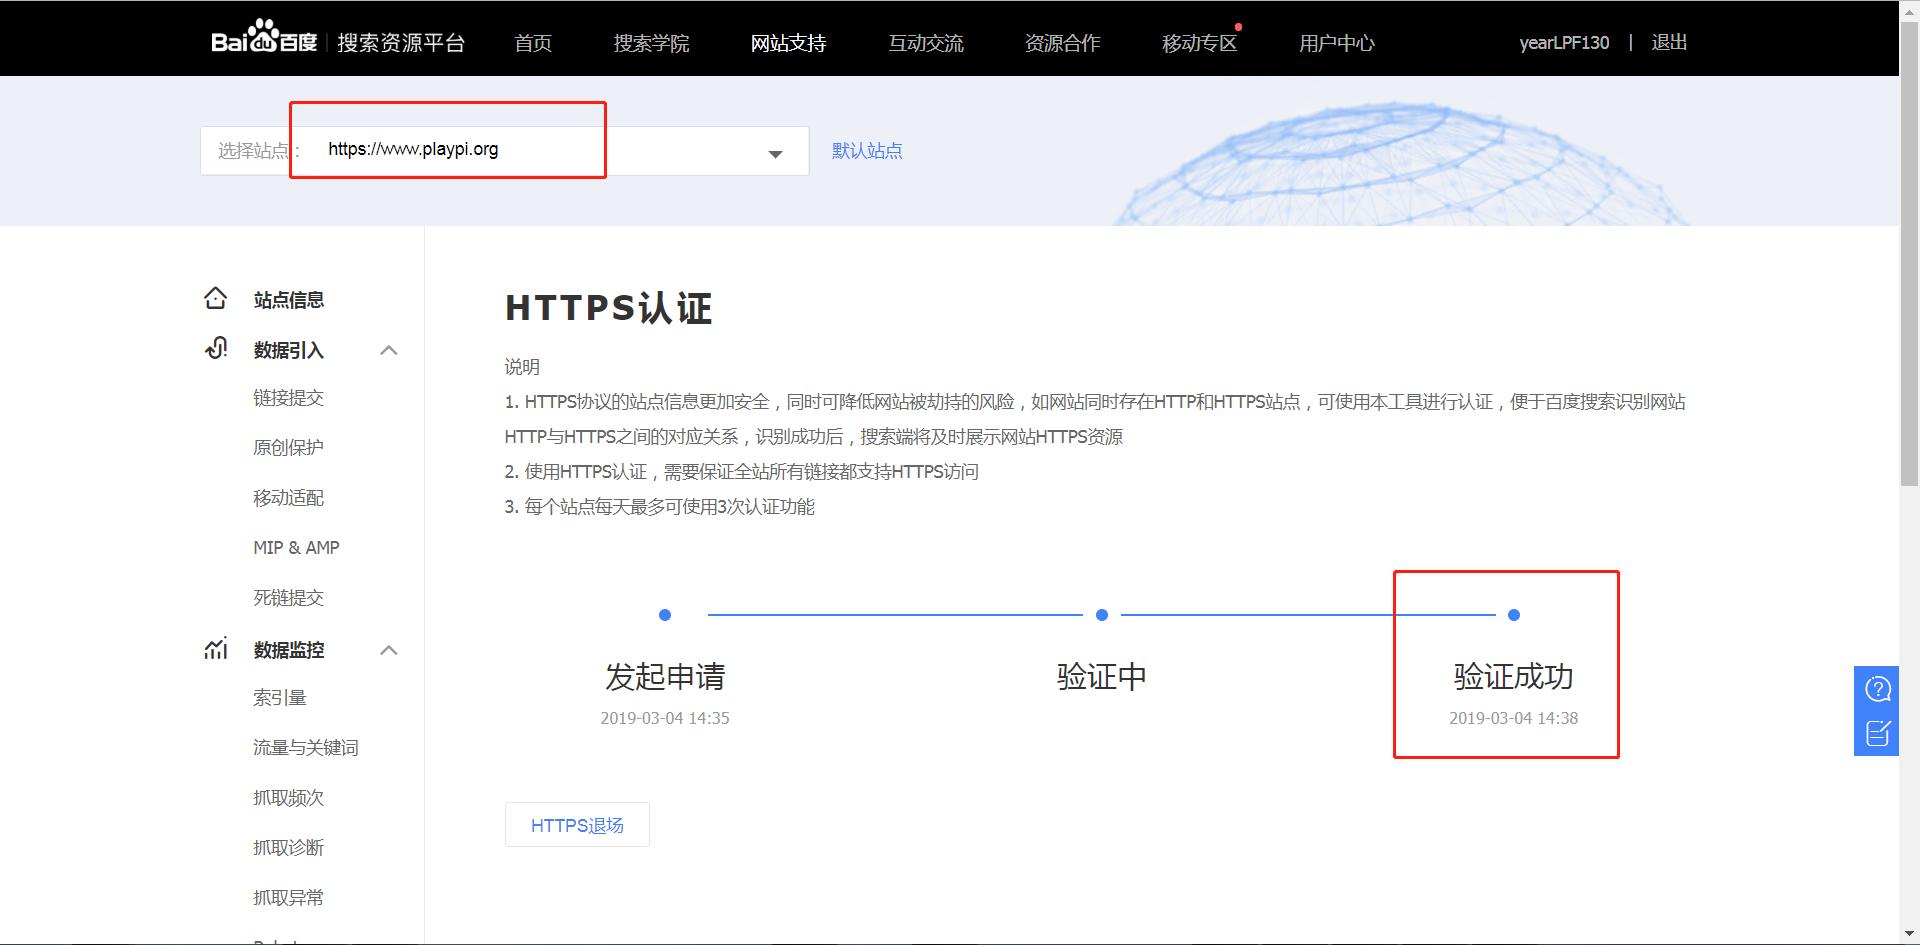 www 二级域名认证成功